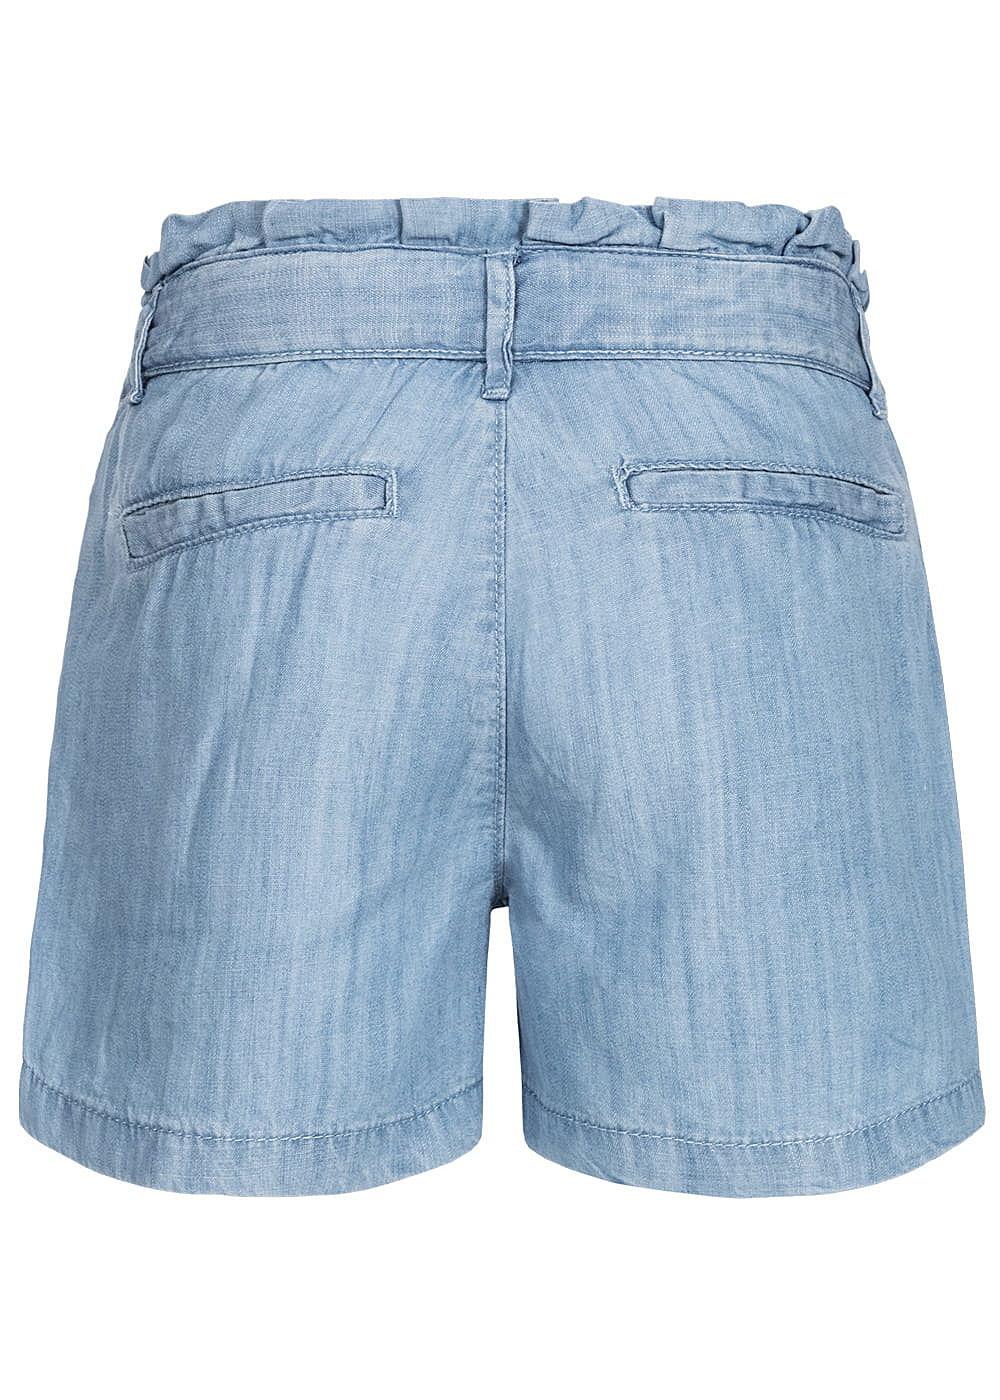 neue Kollektion Sortendesign Schnäppchen 2017 Name It Kids Mädchen Paper- Bag Shorts Belt 2-Pockets NOOS hell blau denim